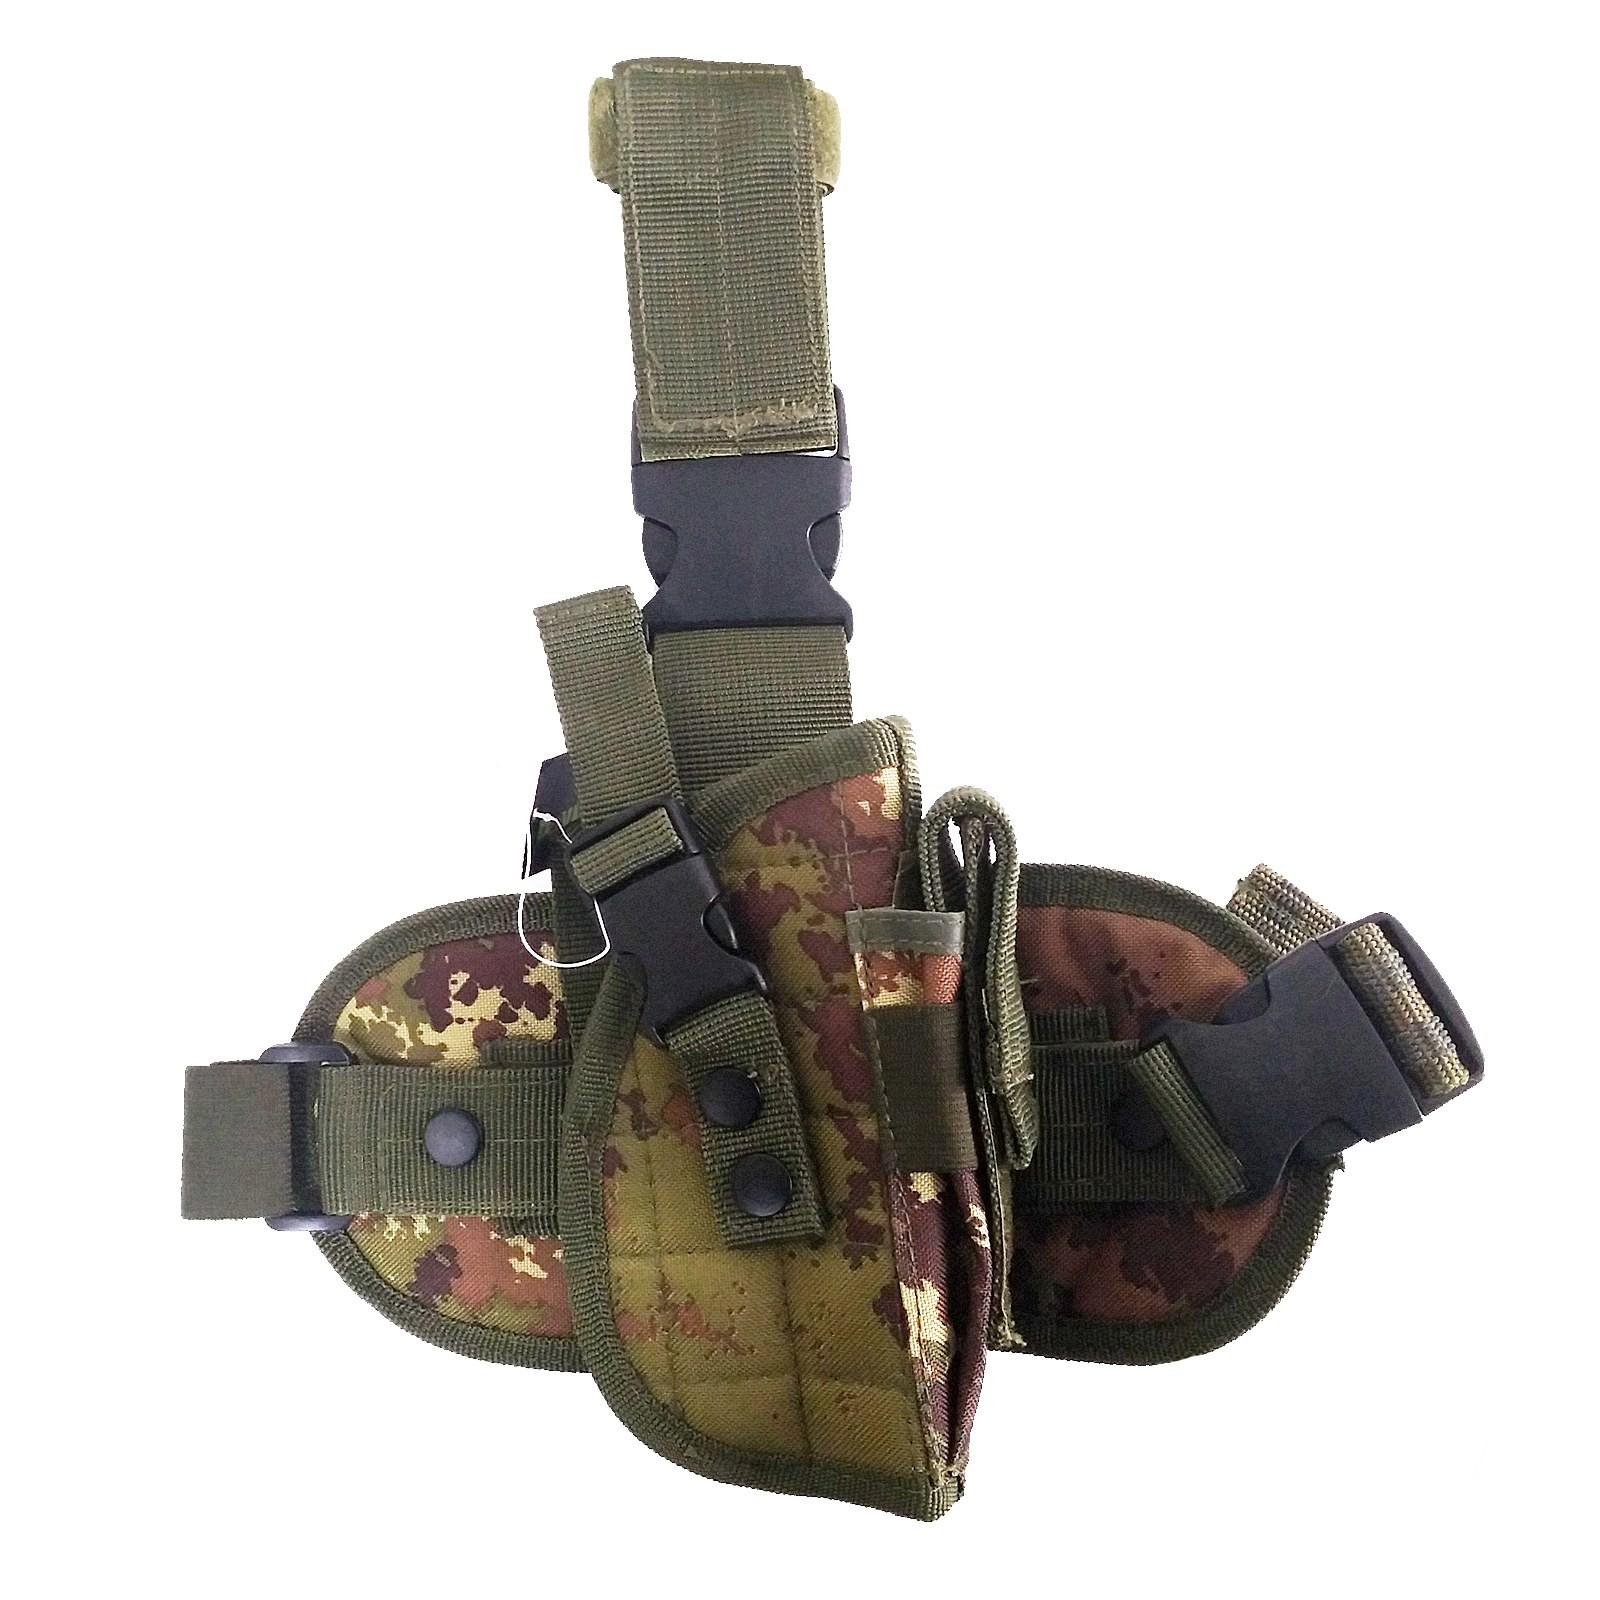 Fondina Cosciale per Pistola in Cordura Tactical Militare Mimetica Softair